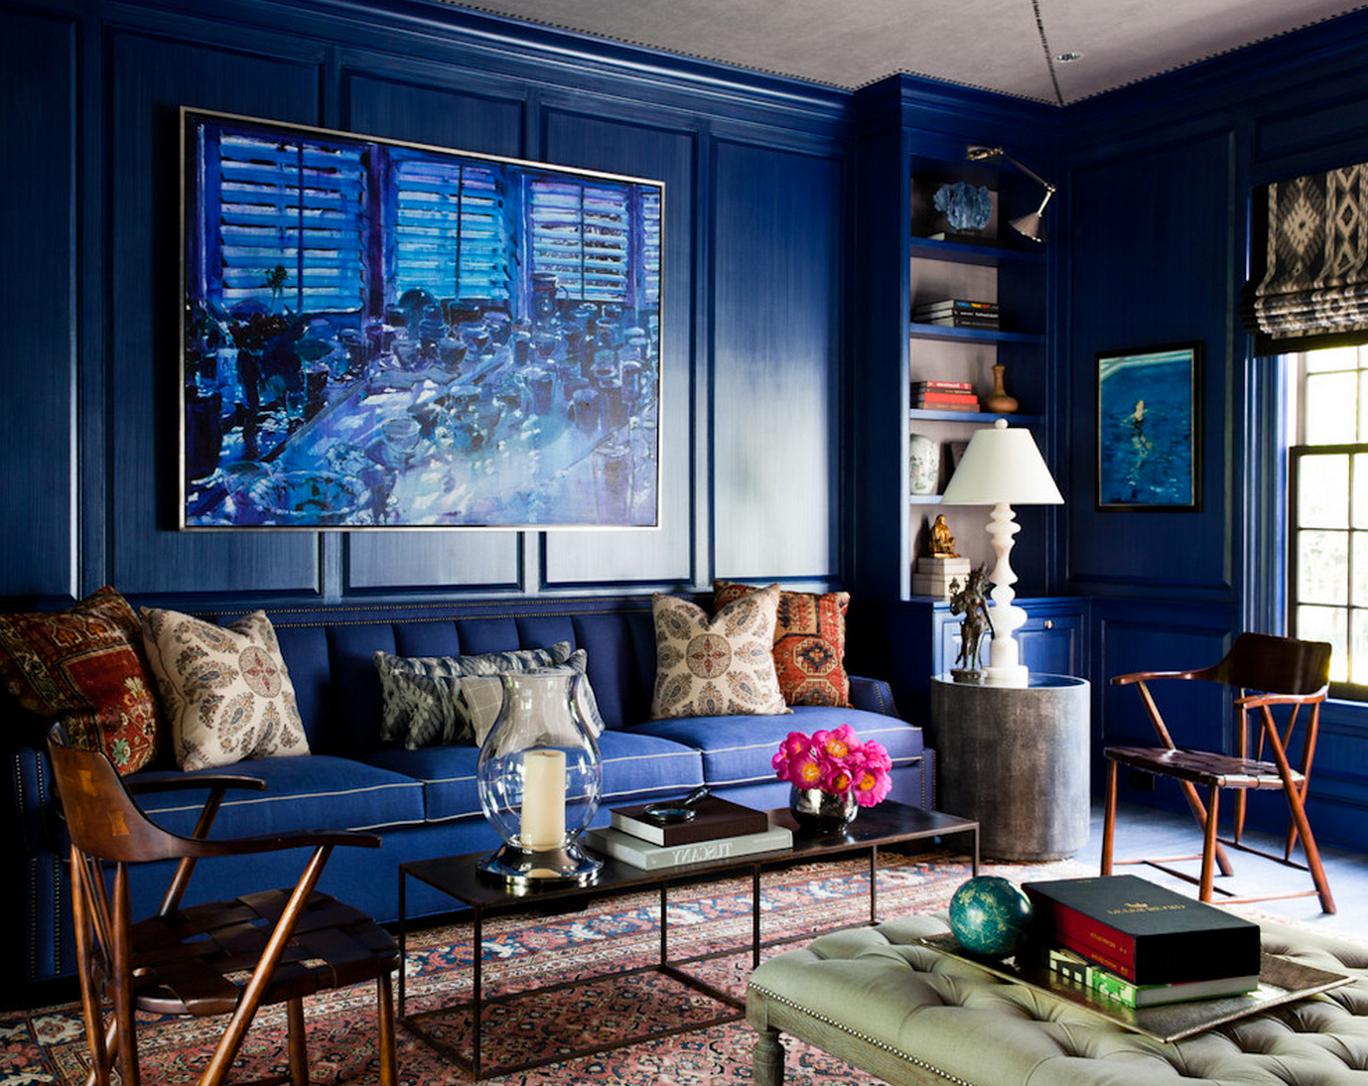 Les murs, le canapé et l'œuvre d'art sont de la même couleur, mais la pièce est encore plus magnifique.